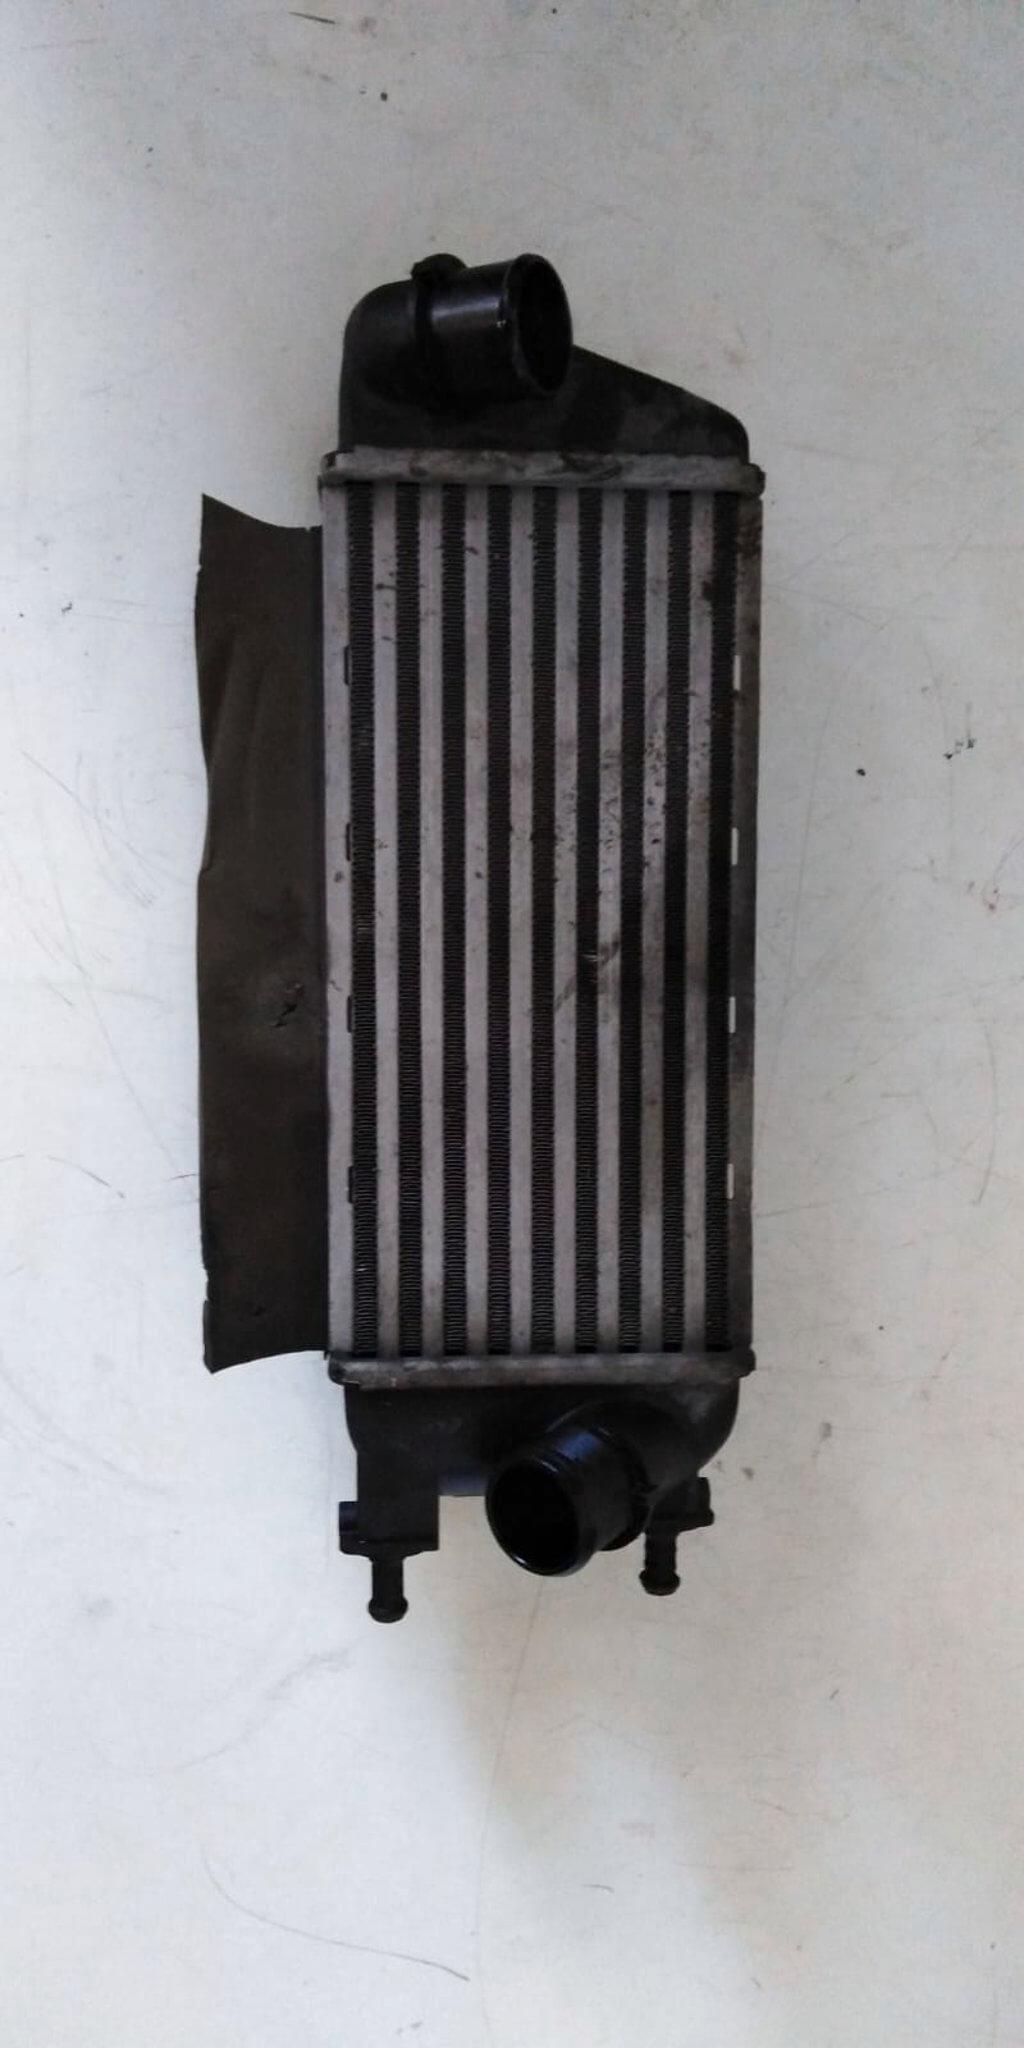 Scambiatore aria/aria usato Fiat 500 1.3 MJT dal '12 al '16